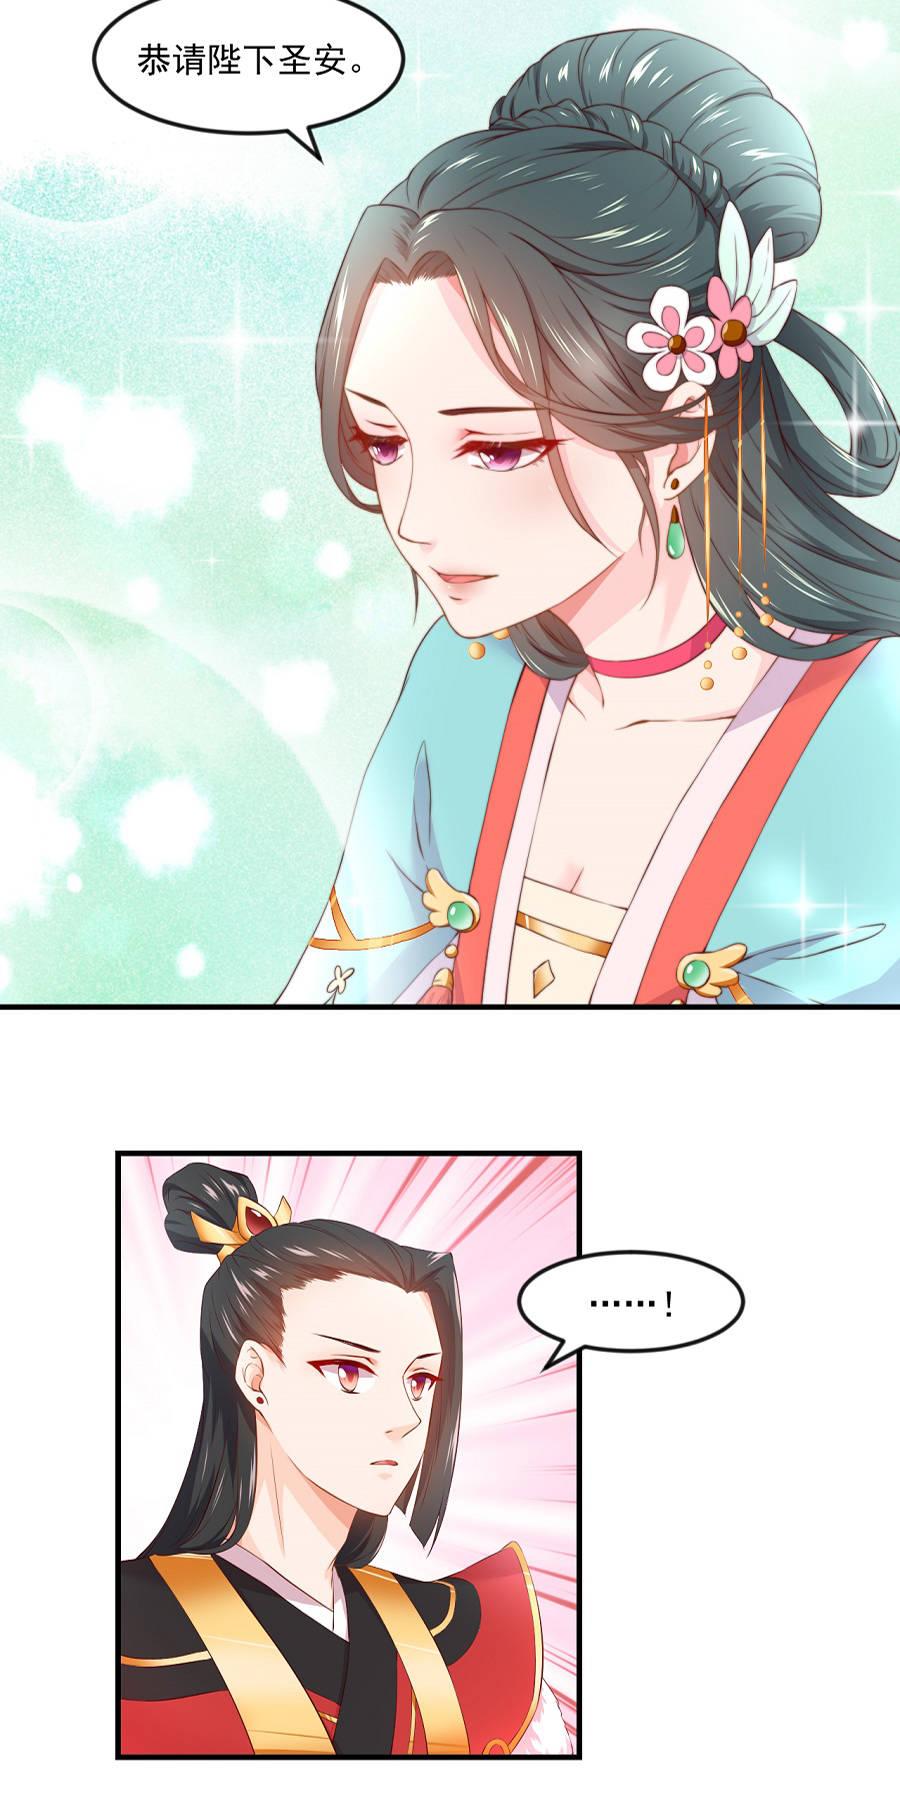 盛世帝王妃第61话  面圣 第 3